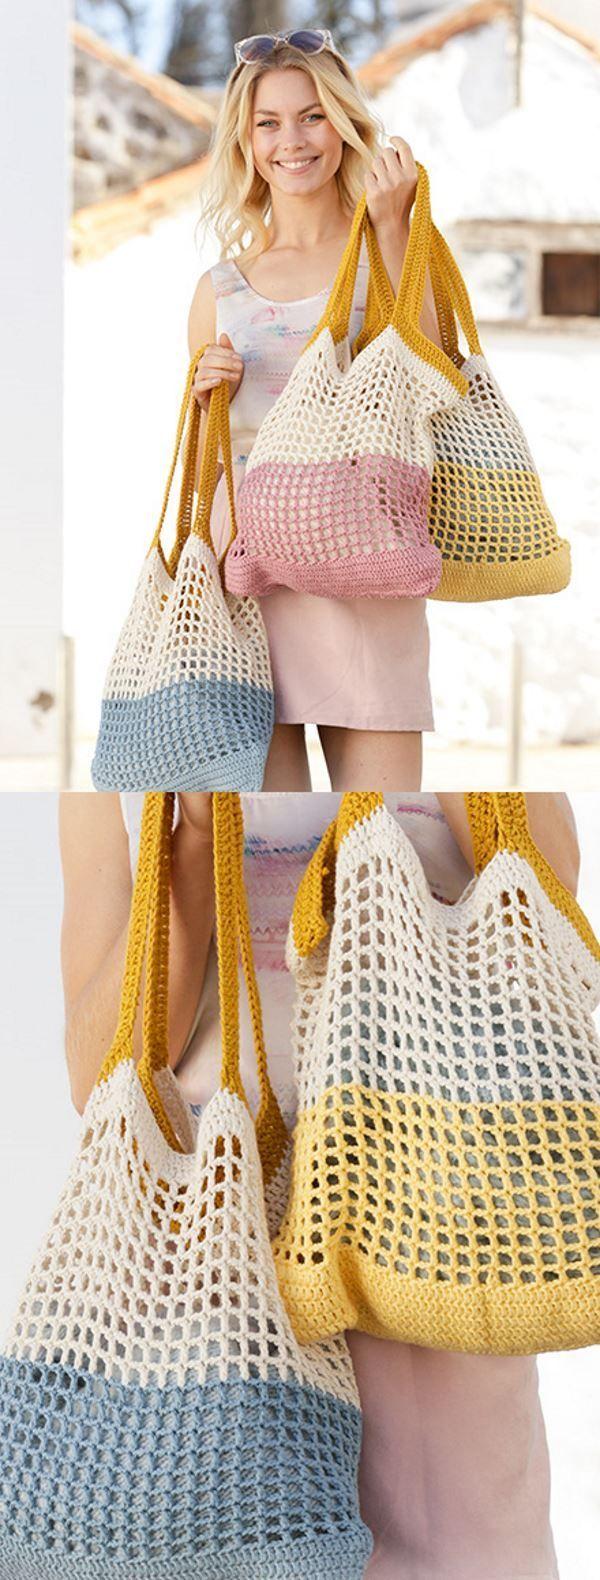 Häkelanleitung für eine Strandtasche #crochetpatterns